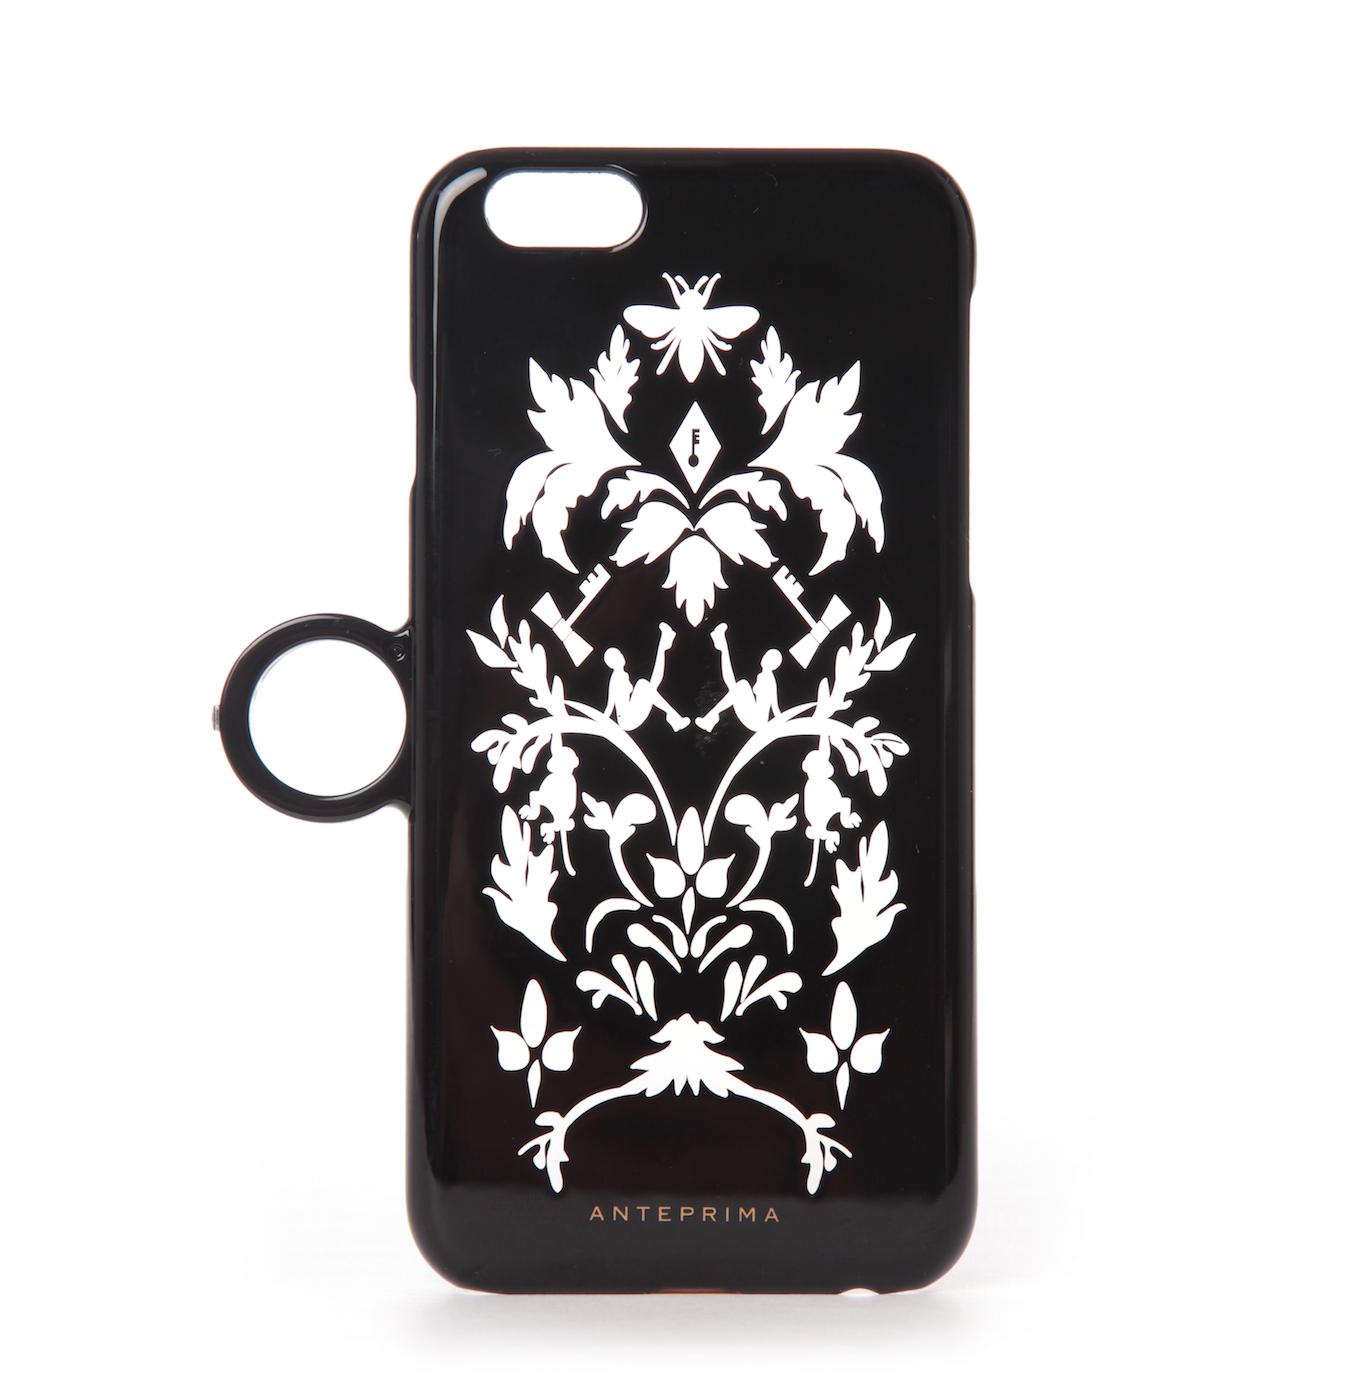 アンテプリマのiPhoneケースは、キラリと輝くリング付き♡_2